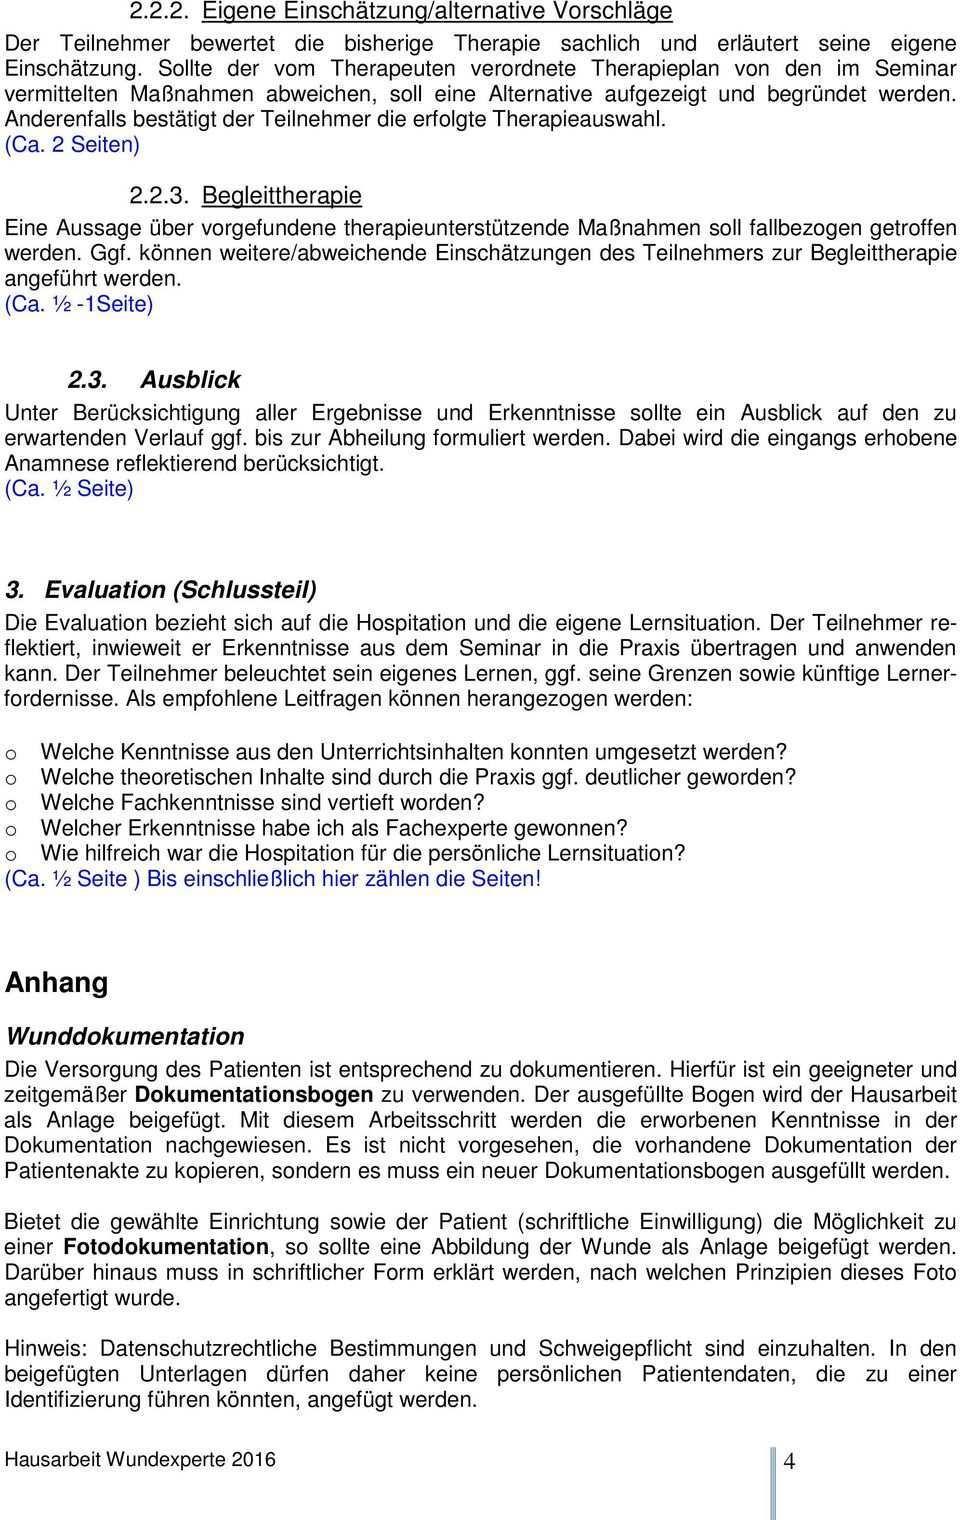 Deckblatt Hausarbeit Wundexperte Icw Pdf Kostenfreier Download